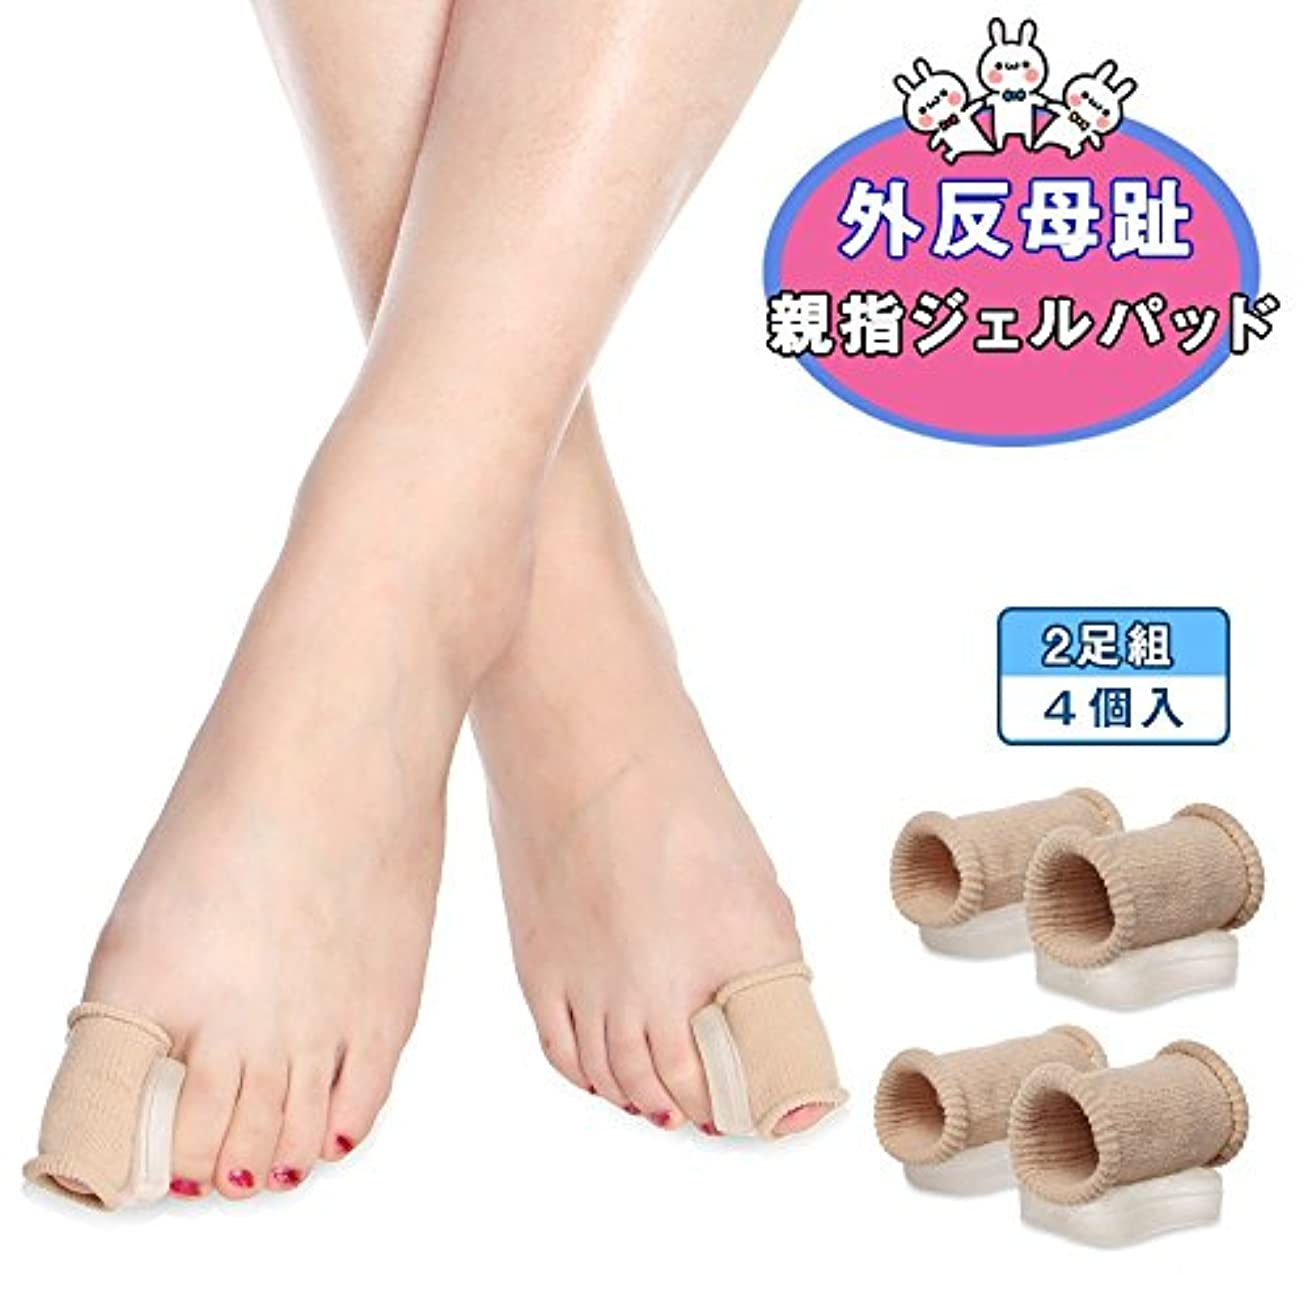 承認する照らす独占Lucktao 親指ジェルパッド, 外反母趾サポーター 指間ジェルパッド つま先矯正 足用保護パッド 足指セパレーター 親指曲がりの緩和 足指サポーター 4個入り